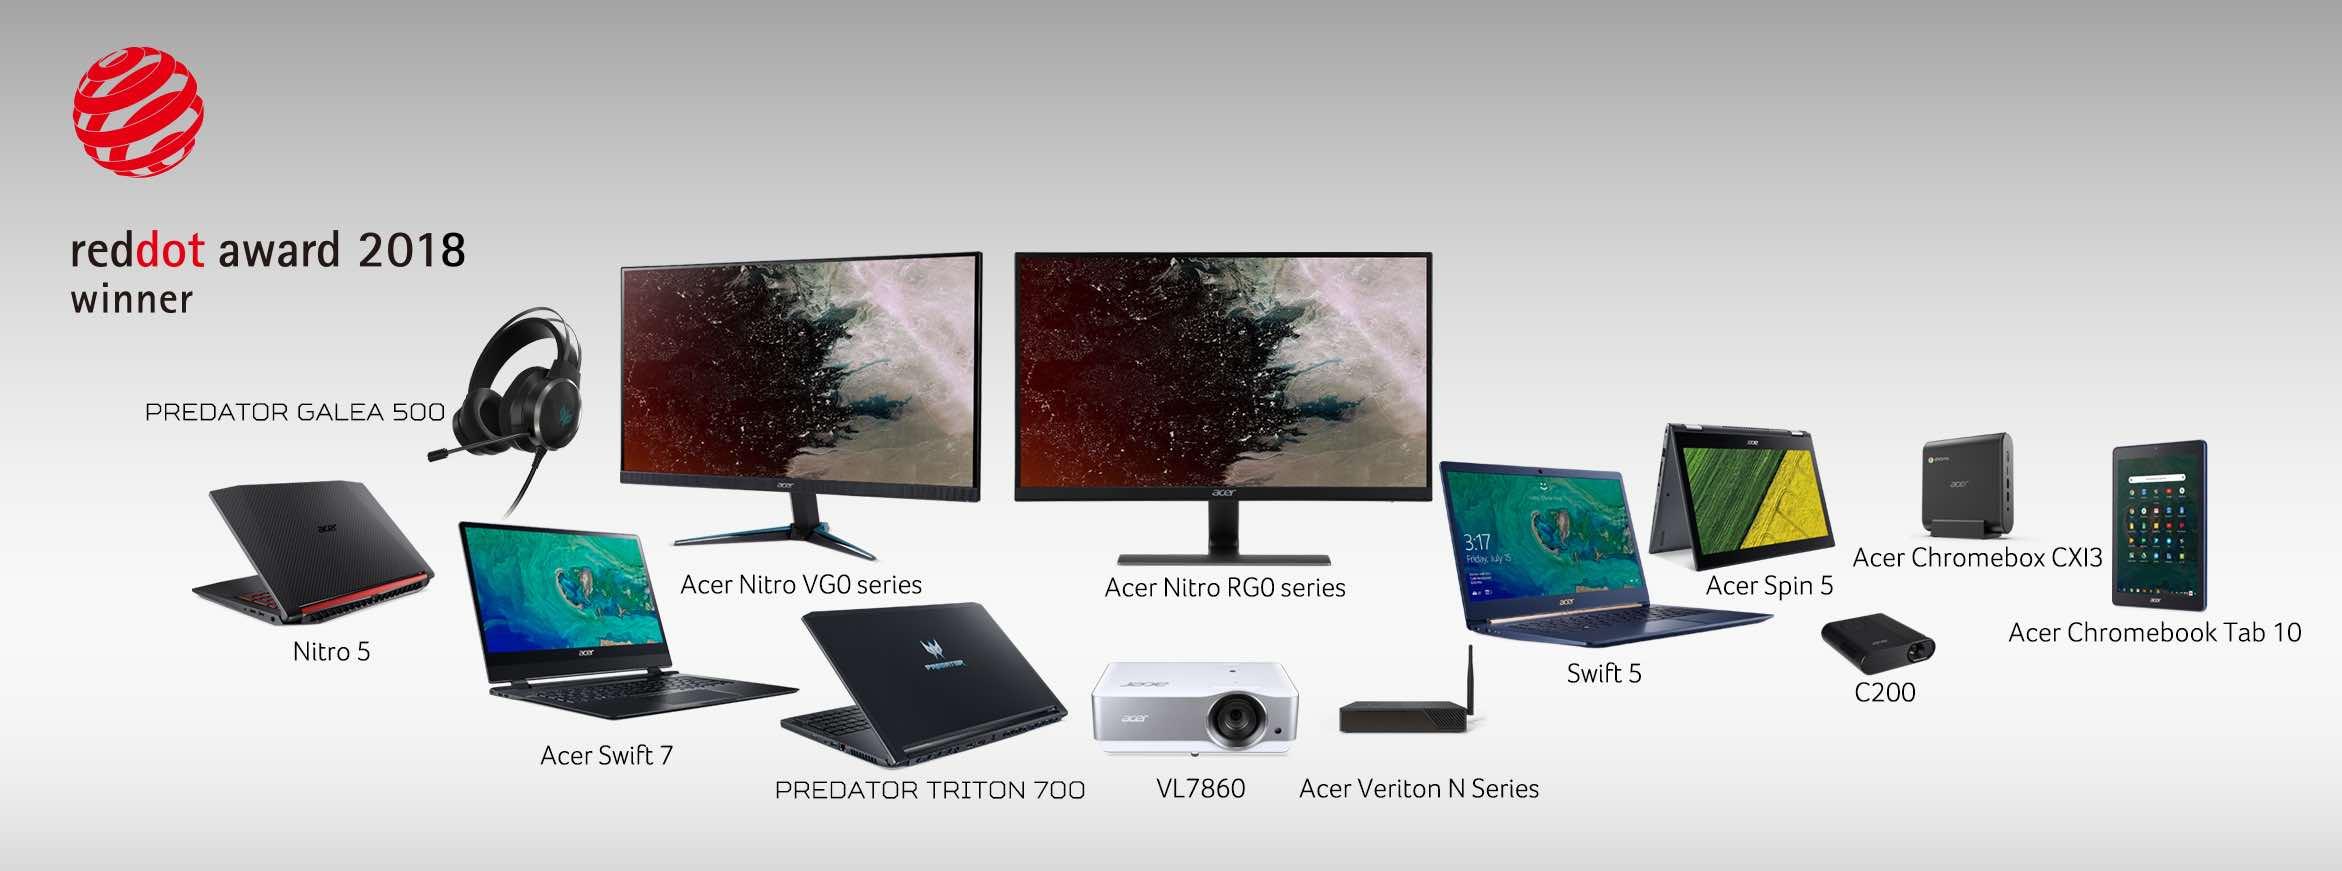 Acer – Red Dot Design Awards 2018